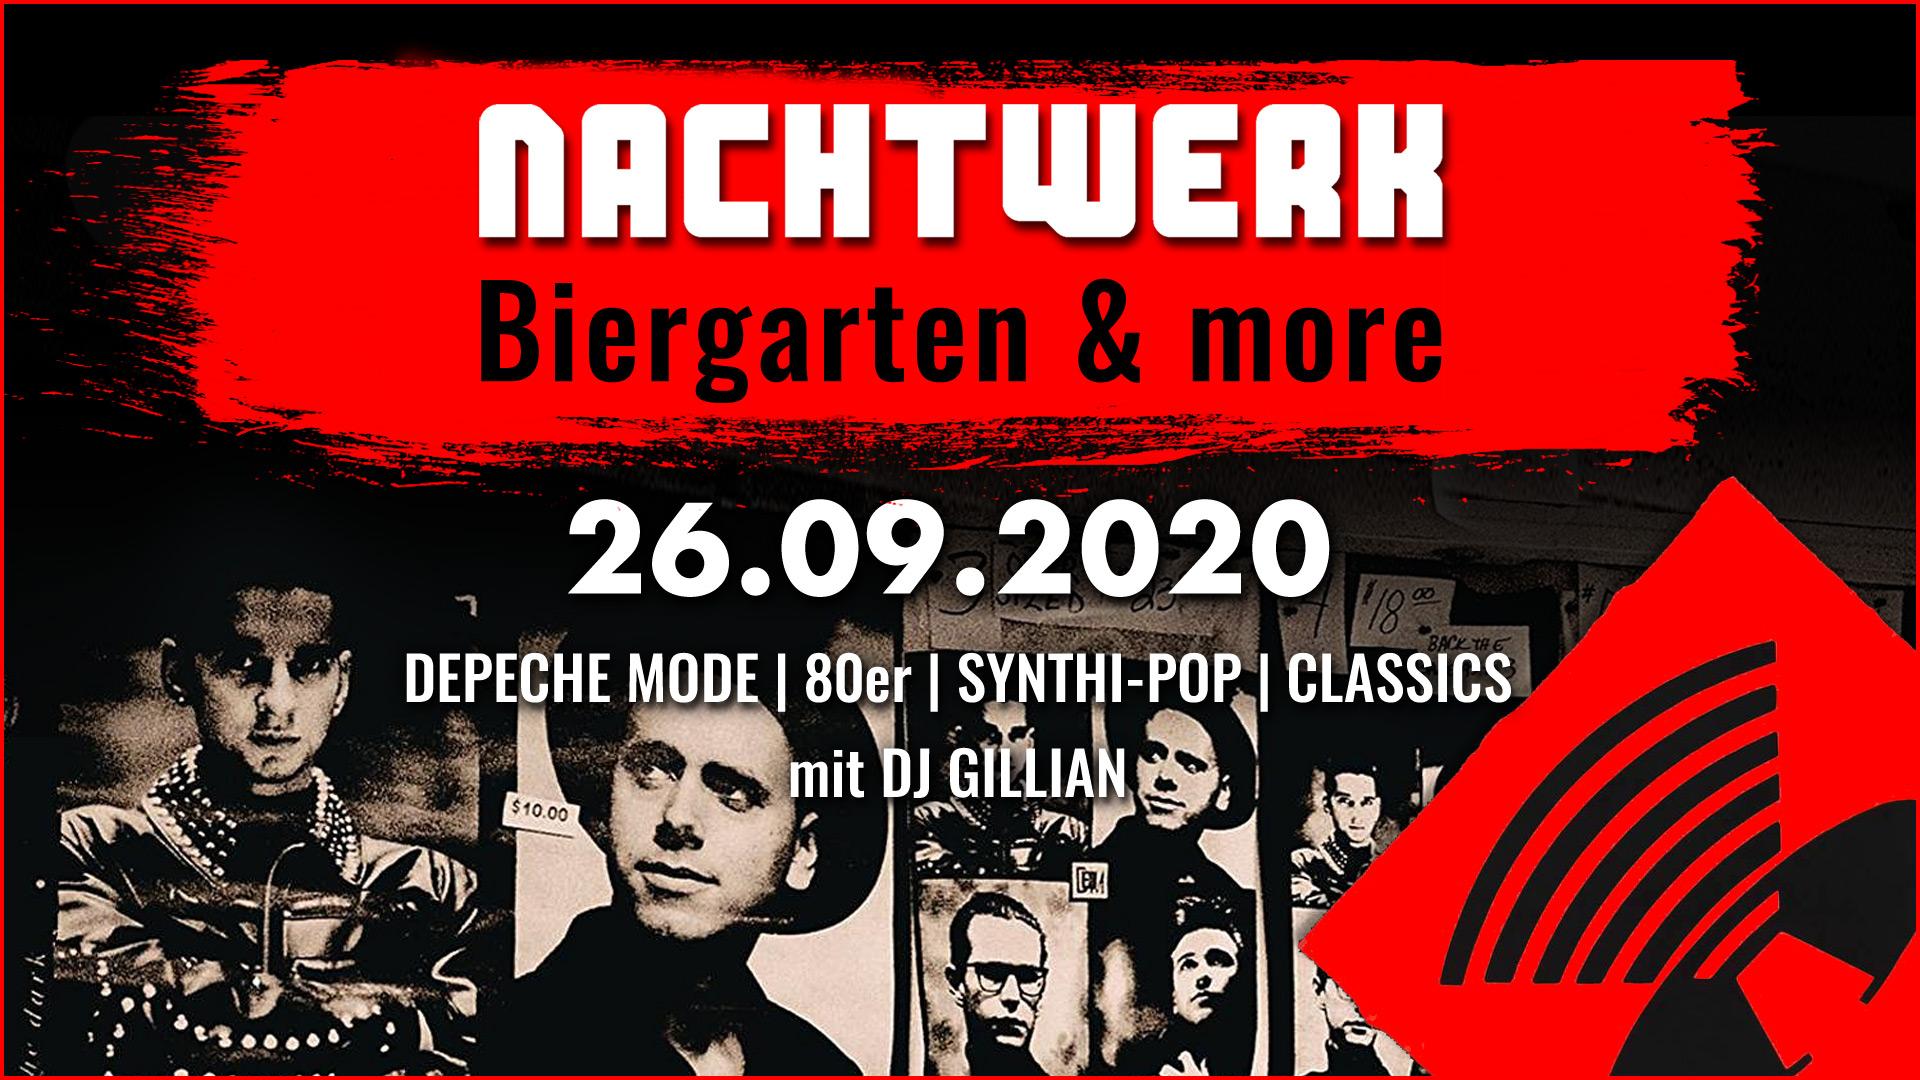 Biergarten & more: Depeche Mode & 80er